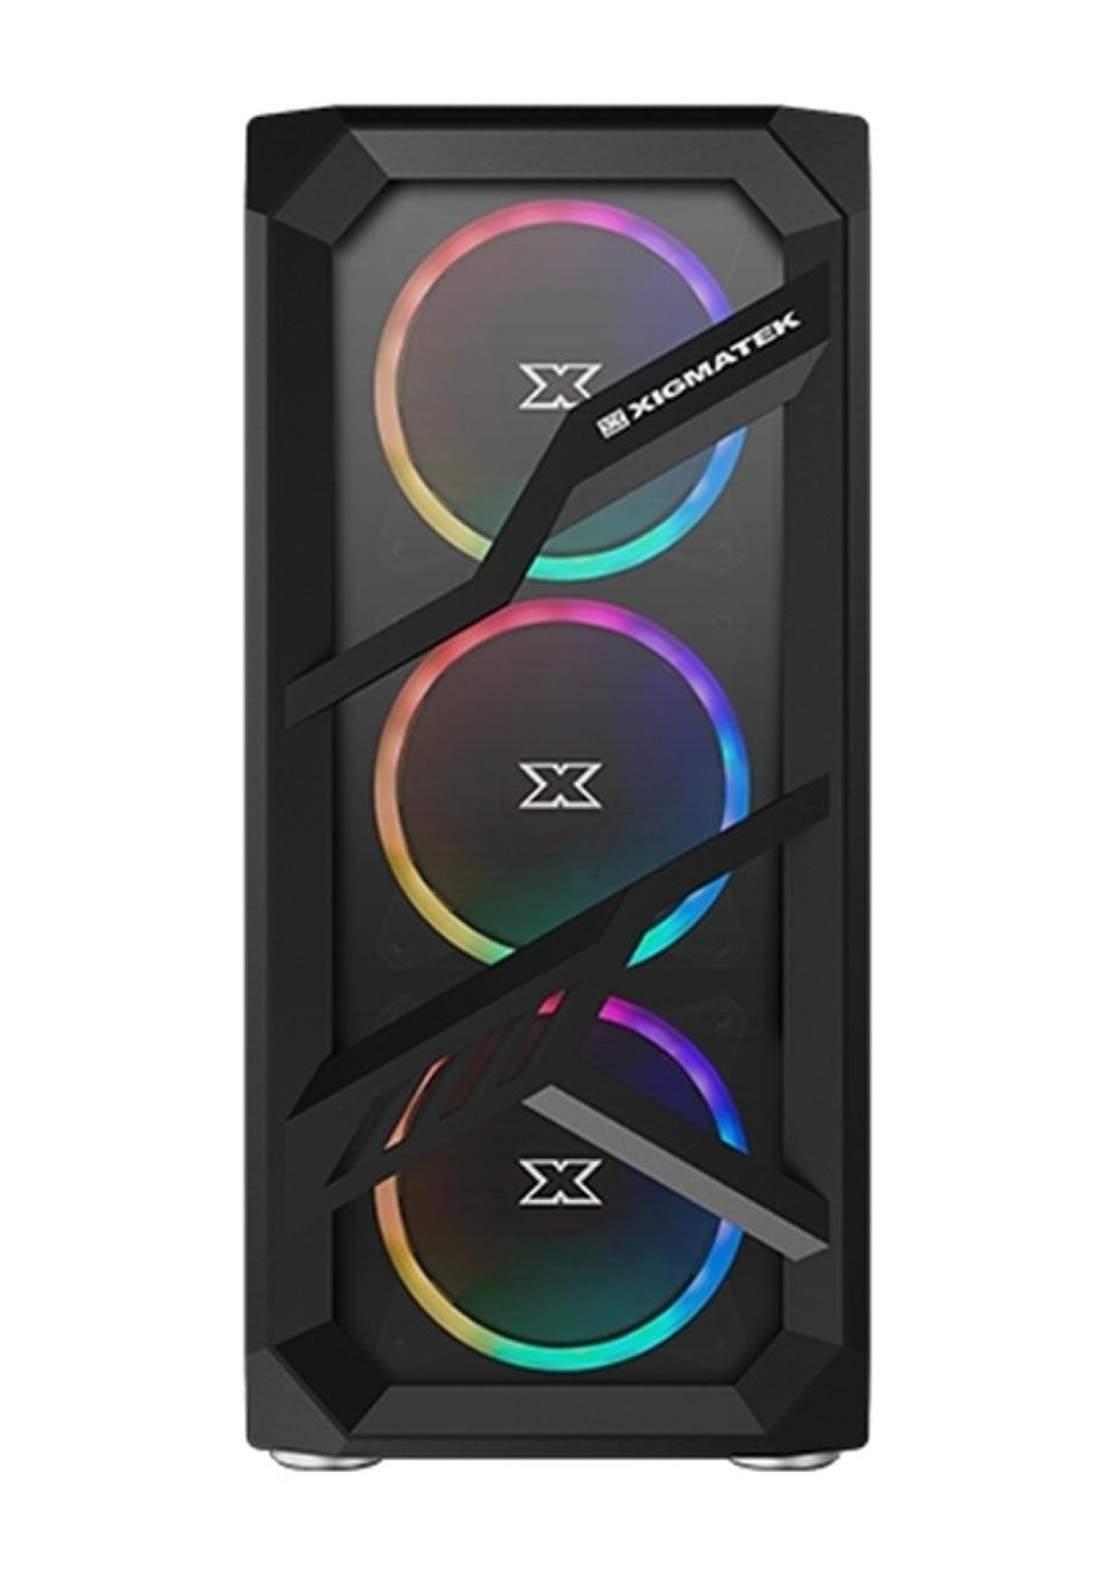 Xigmatek Lamiya RGB Tempered Glass Gaming Case - Black